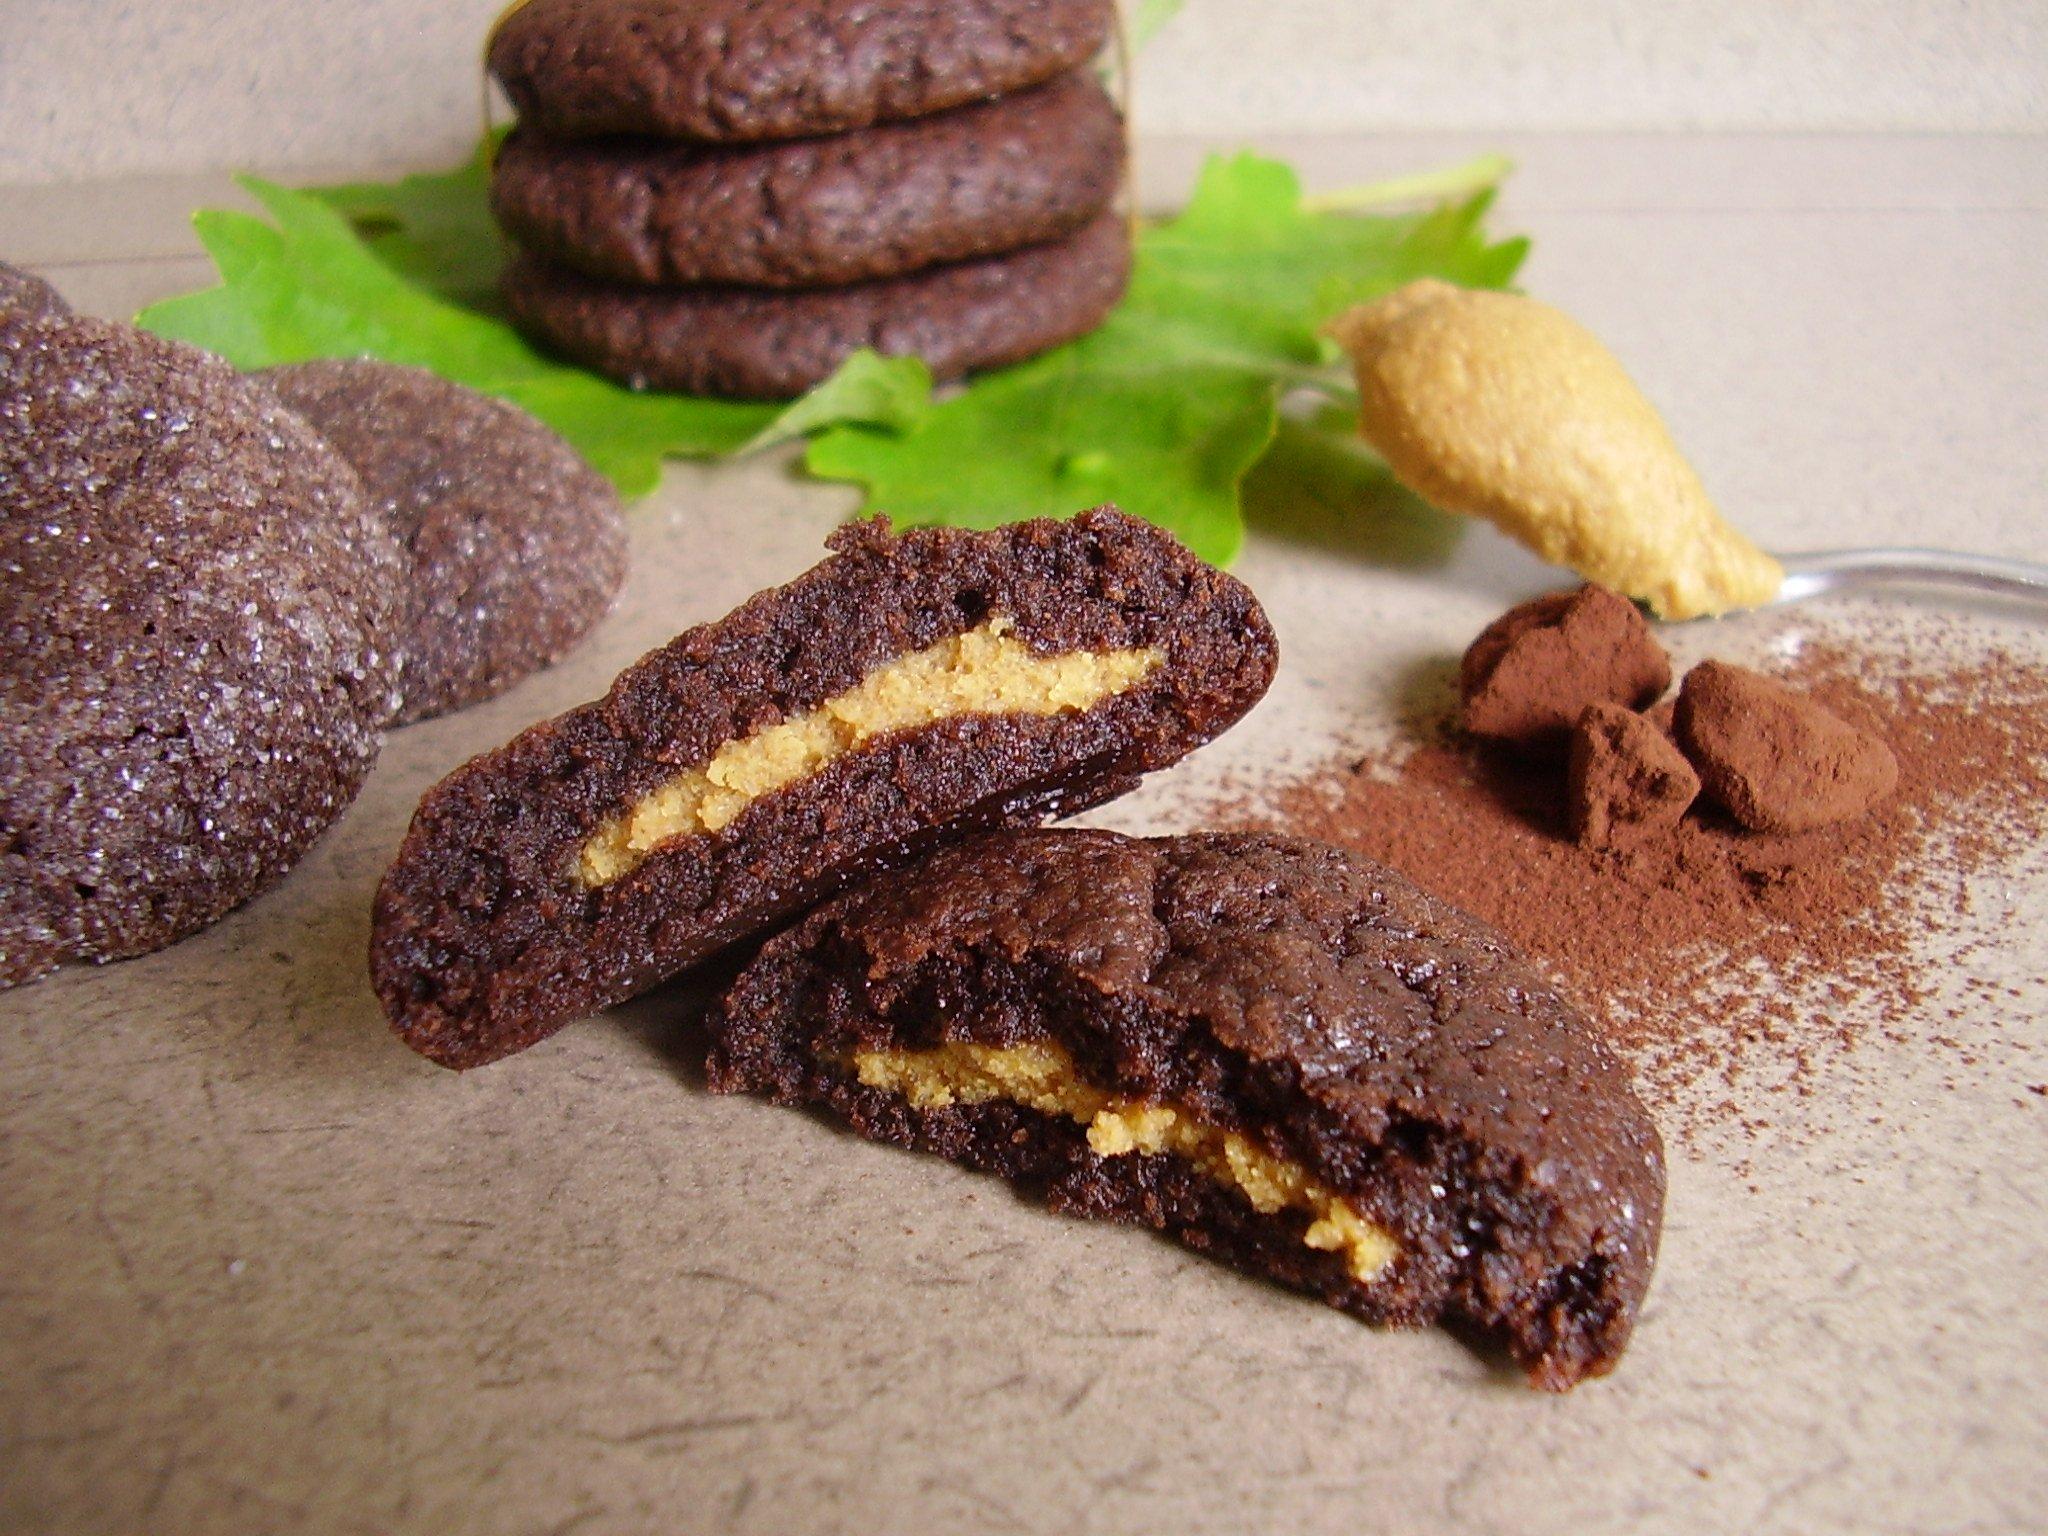 Cookies noir intense et beurre de cacahuète